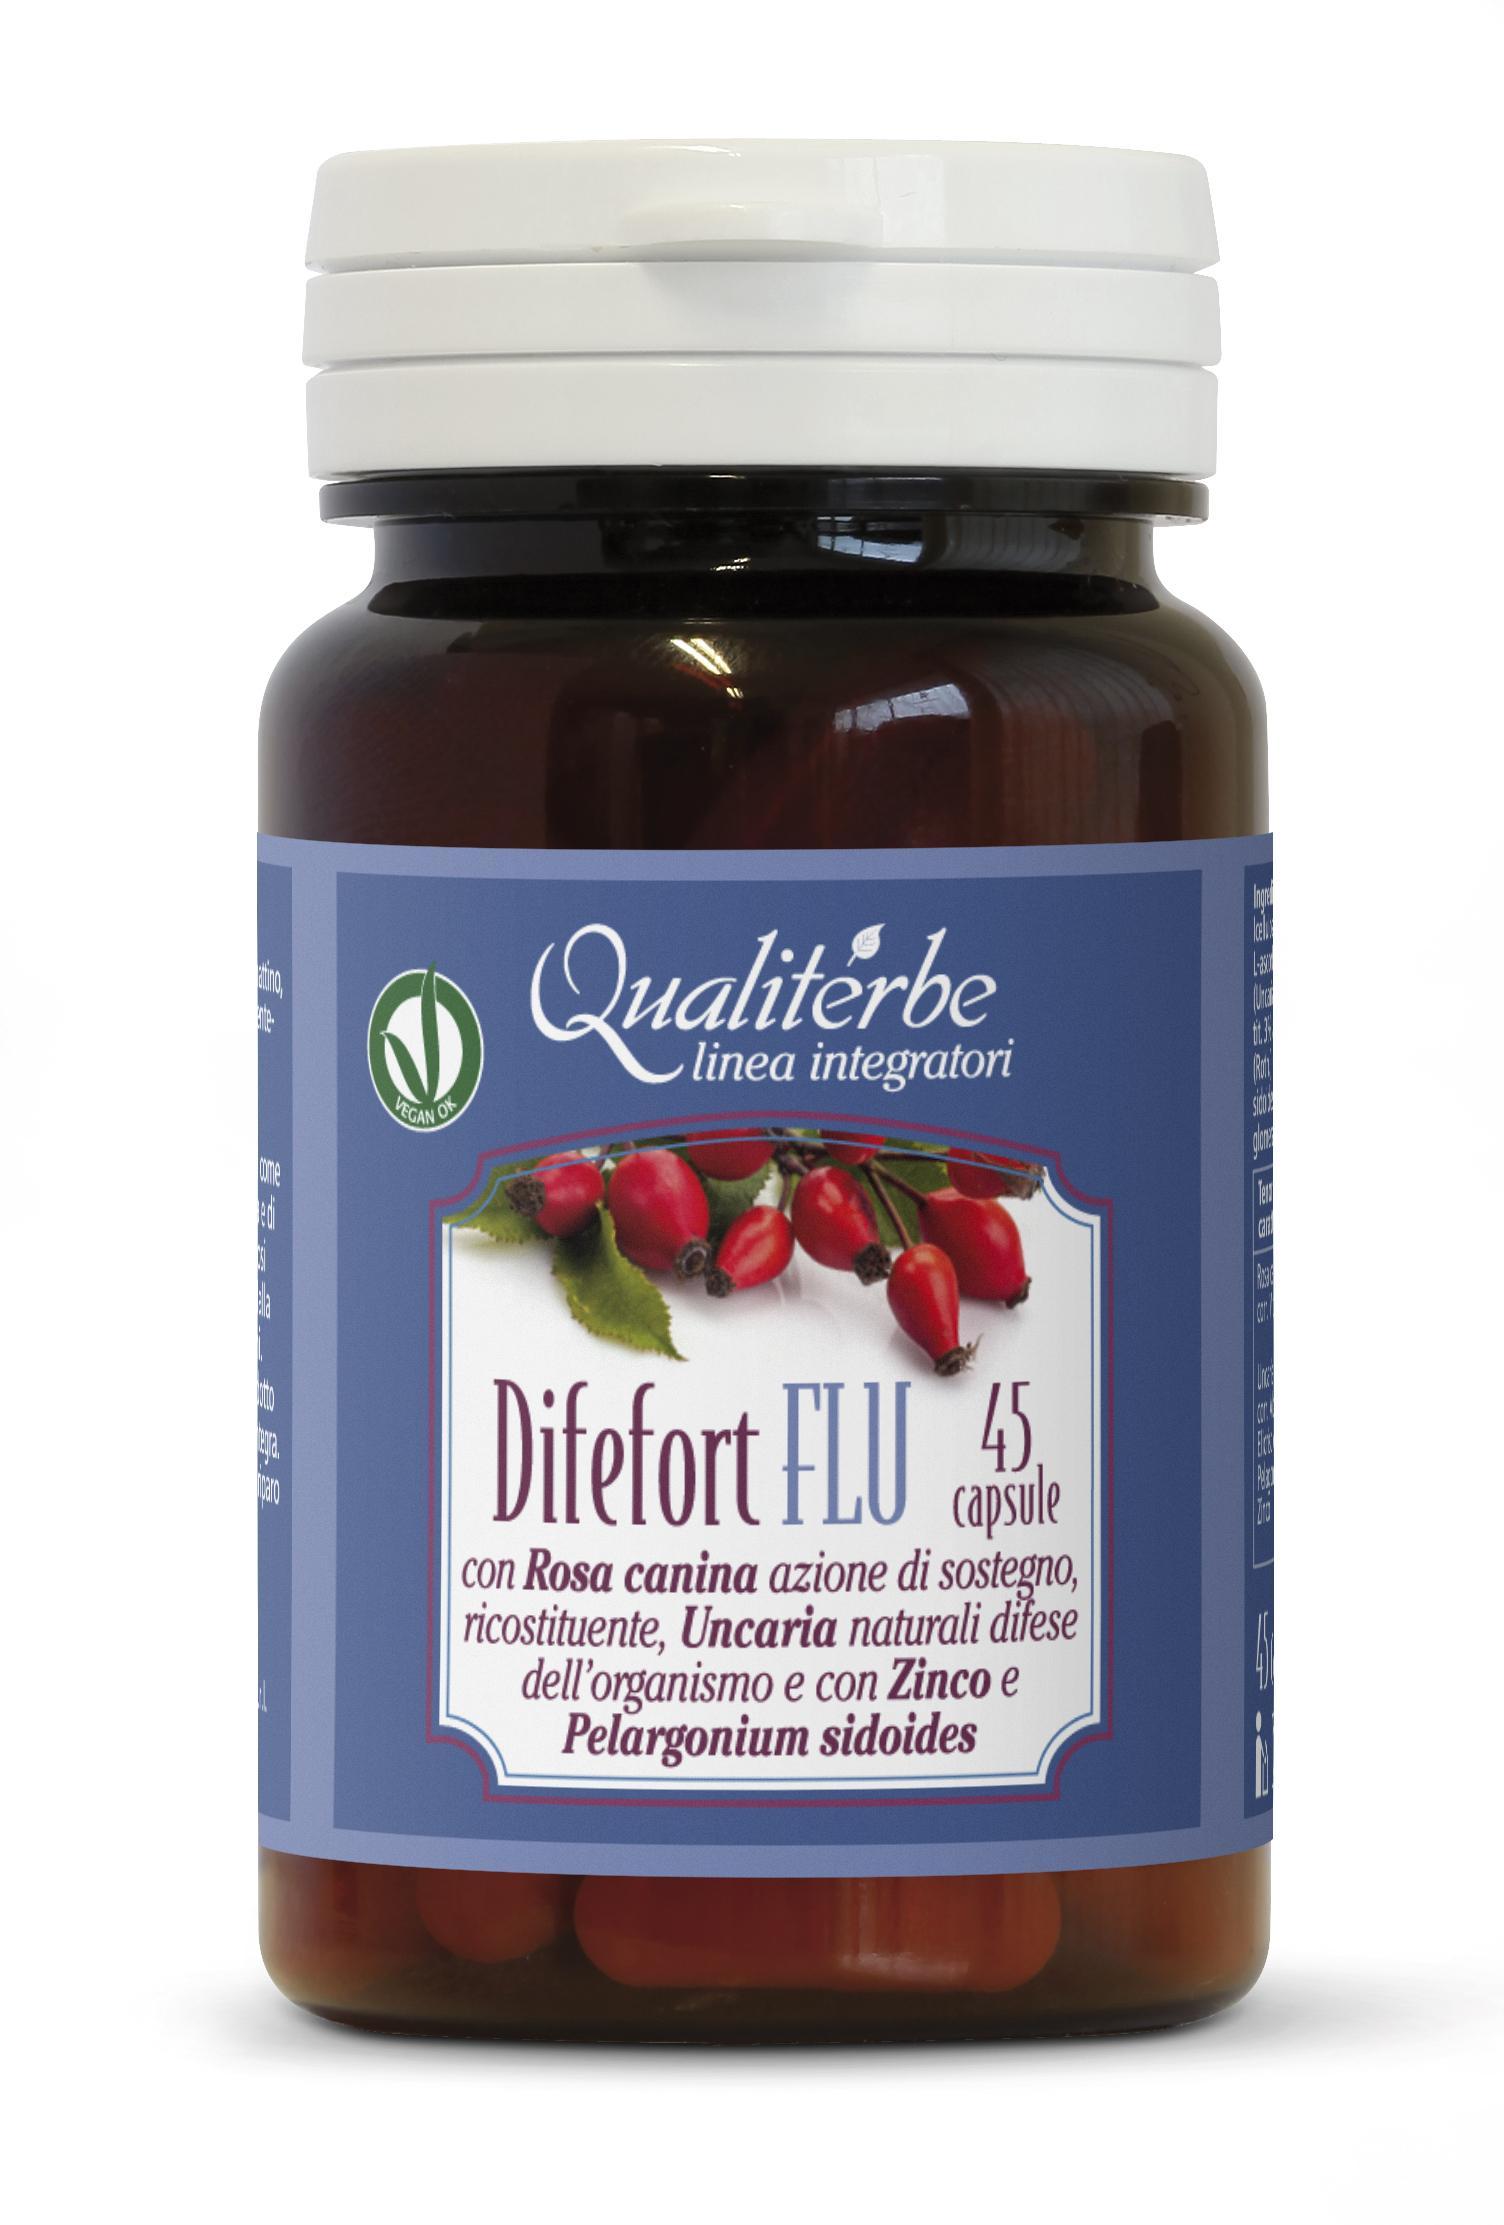 Difefort FLU 45 capsule